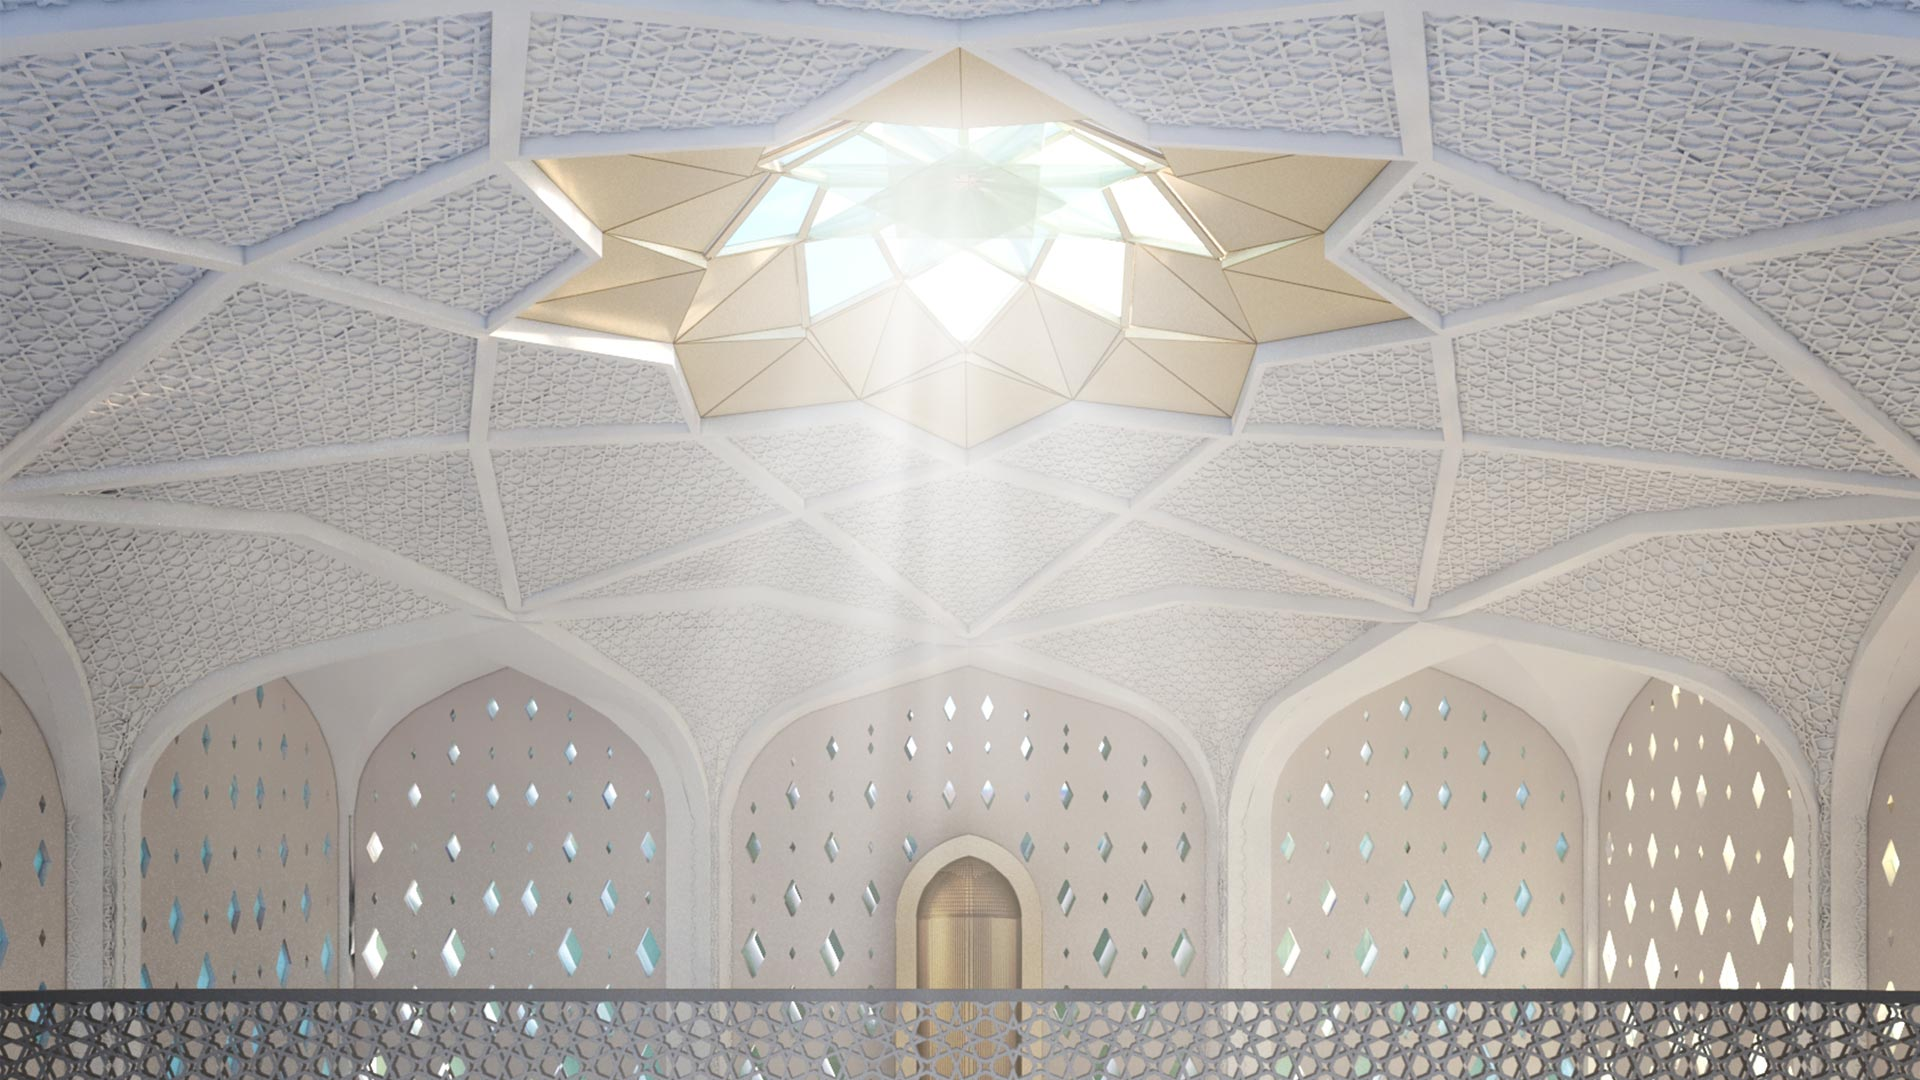 Innenansicht - Das Tragwerk bildet innen eine Form, die vom klassischen islamischen Ornament abgeleitet ist.